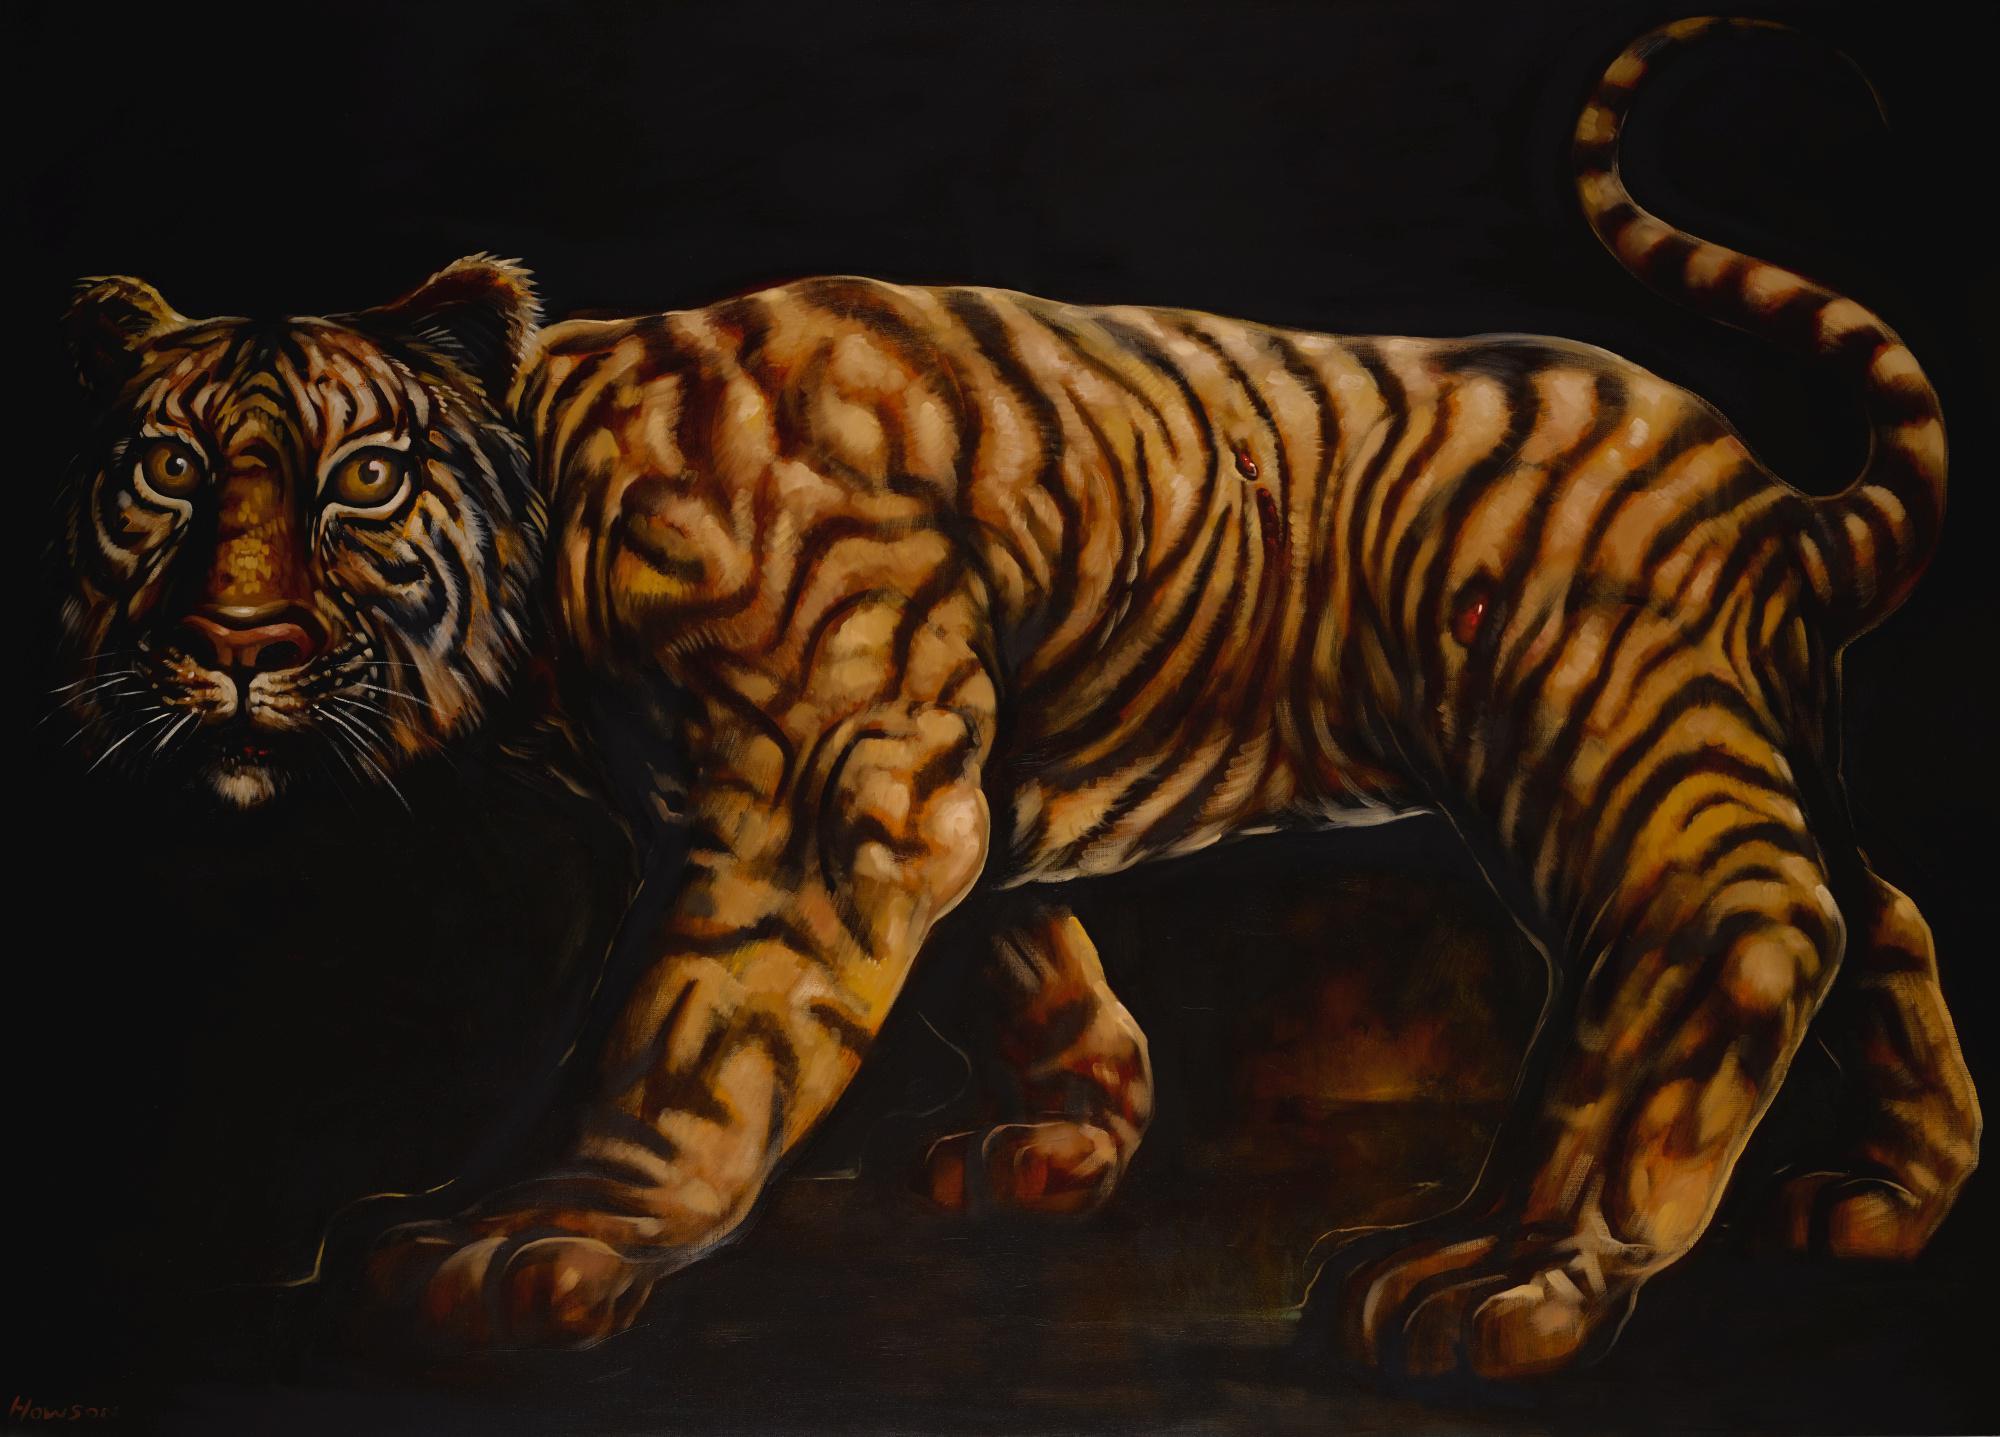 PETER HOWSON, O.B.E. | TIGER